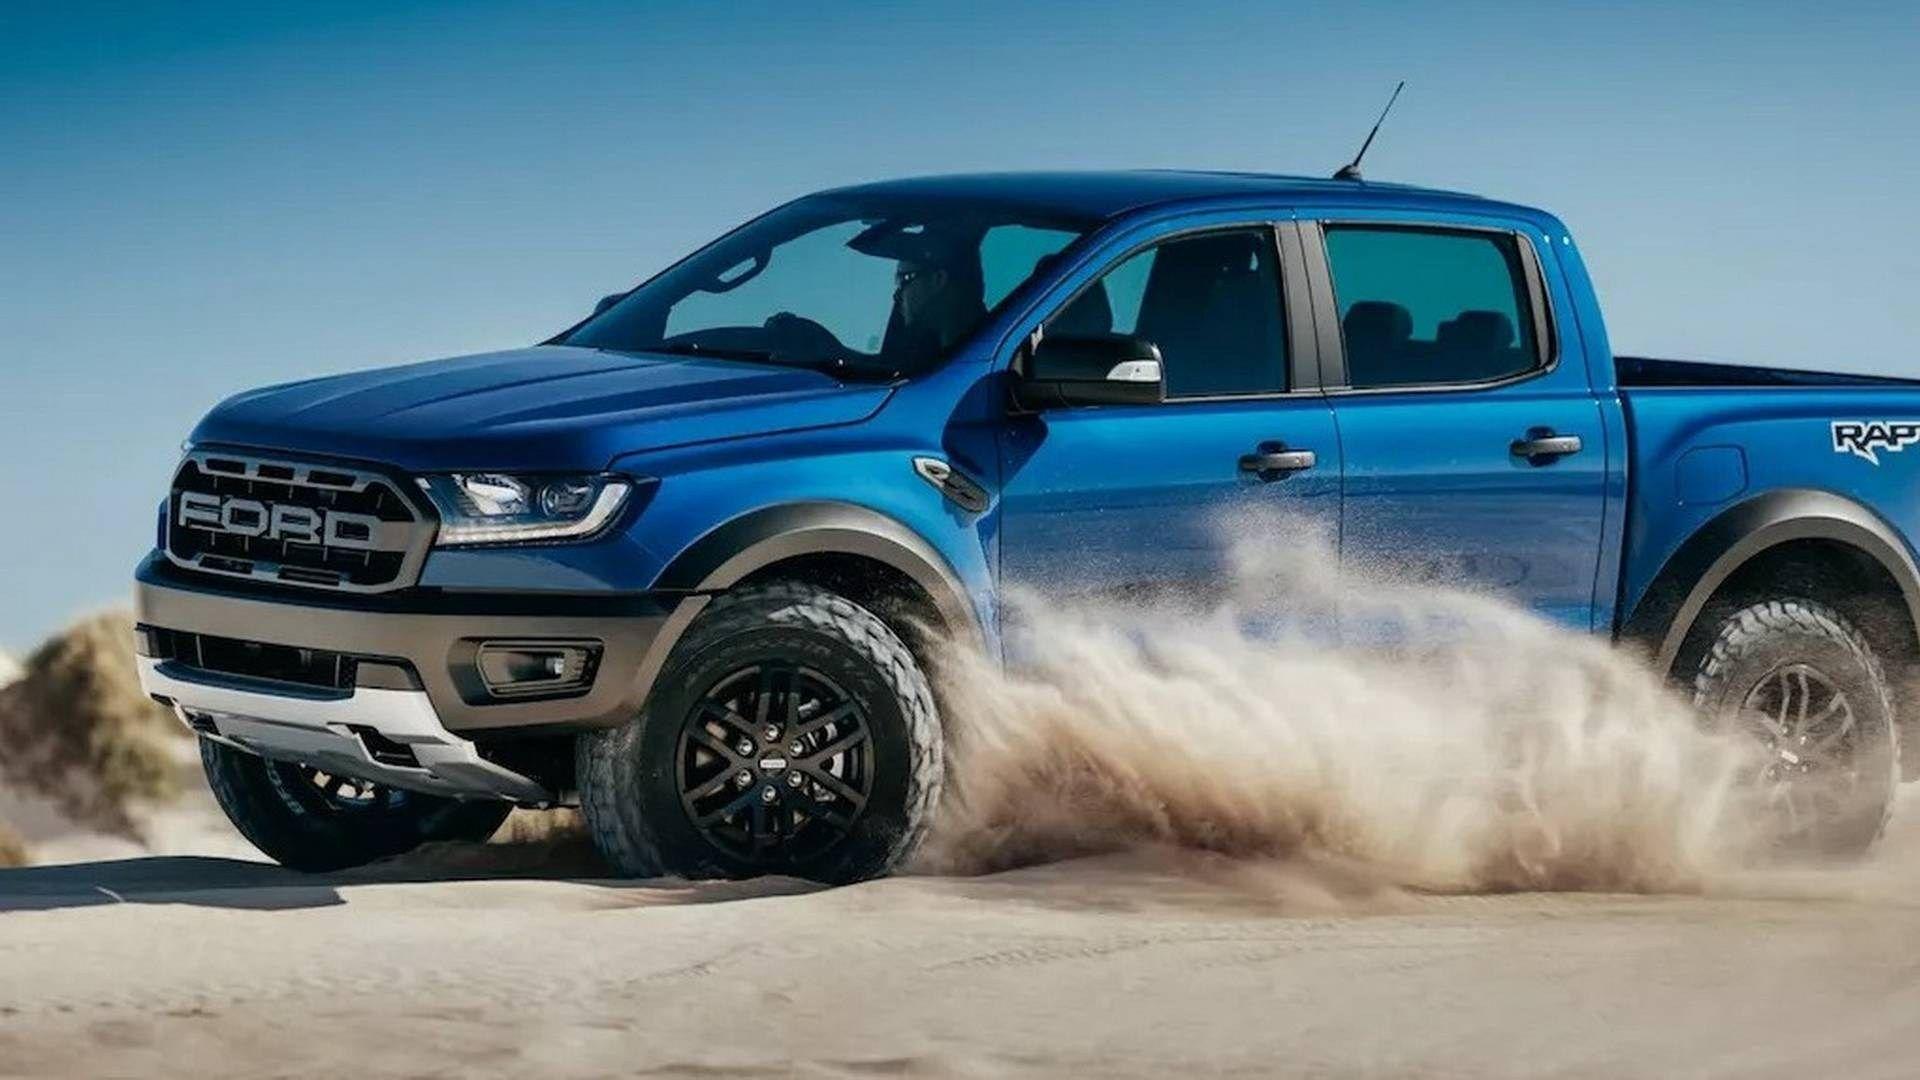 News On Ford Ranger 2020 Price Ford Ranger Raptor Ford Ranger 2020 Ford Ranger